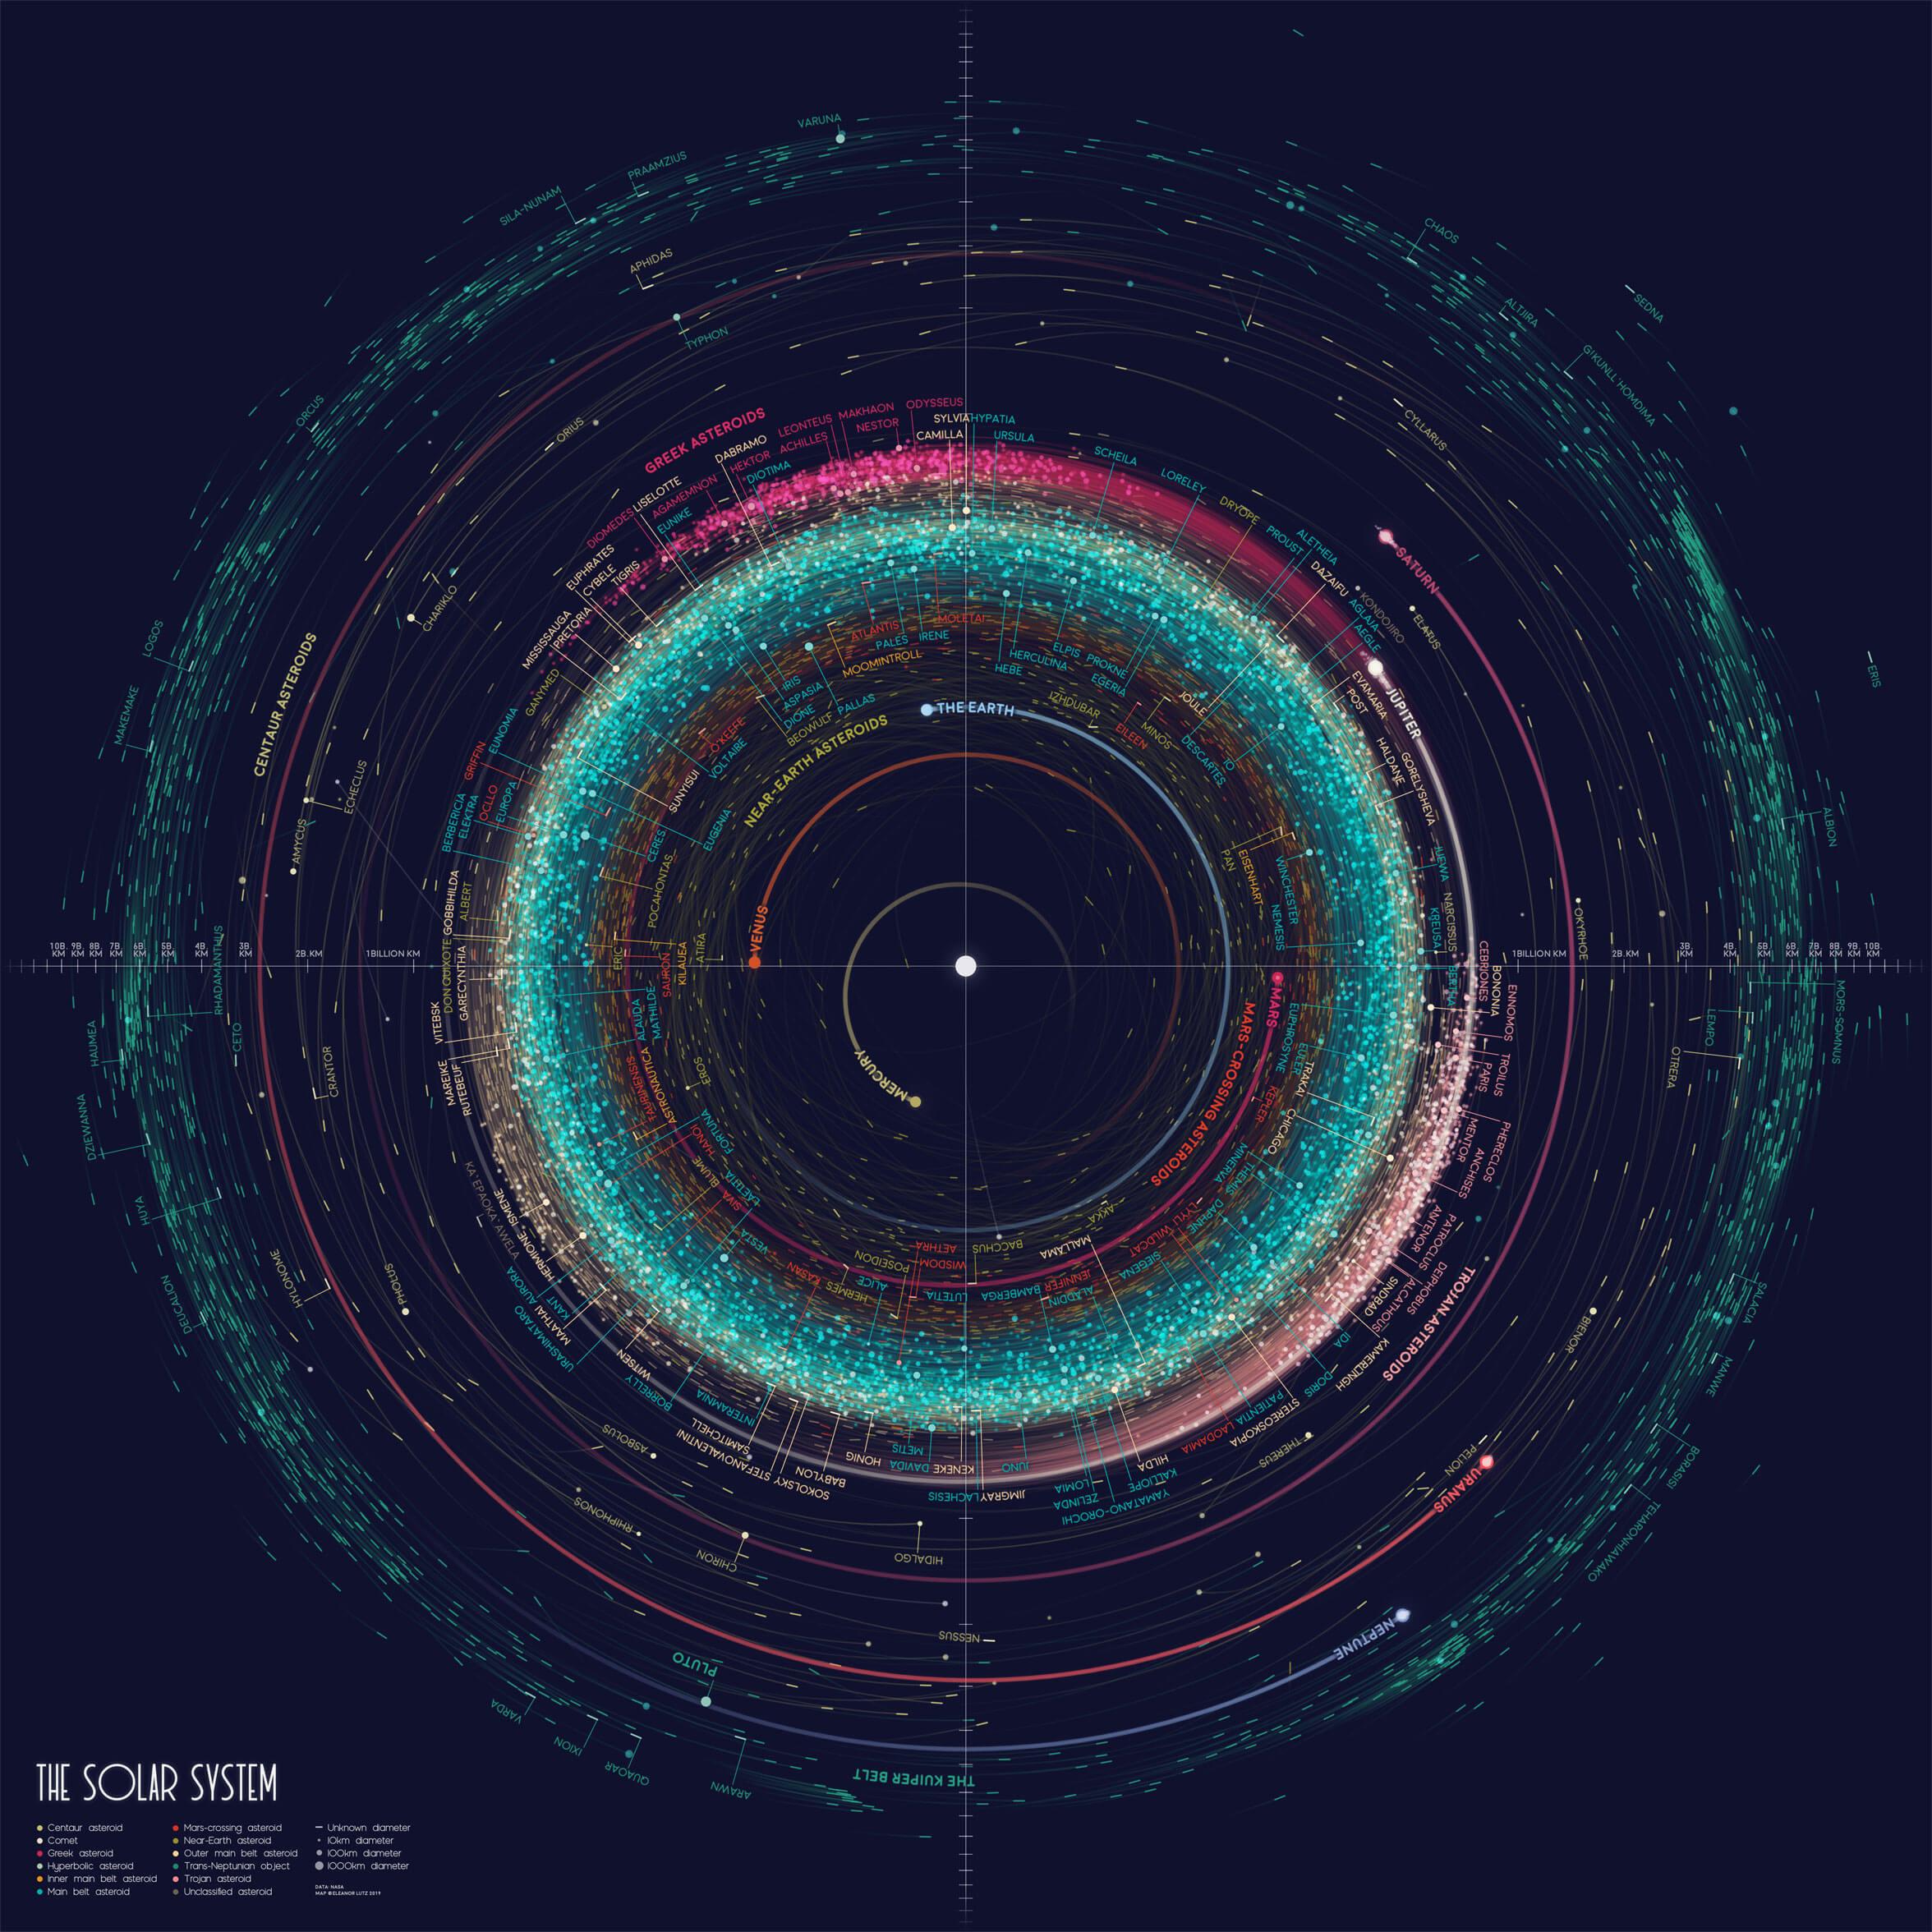 Карта объектов солнечной системы